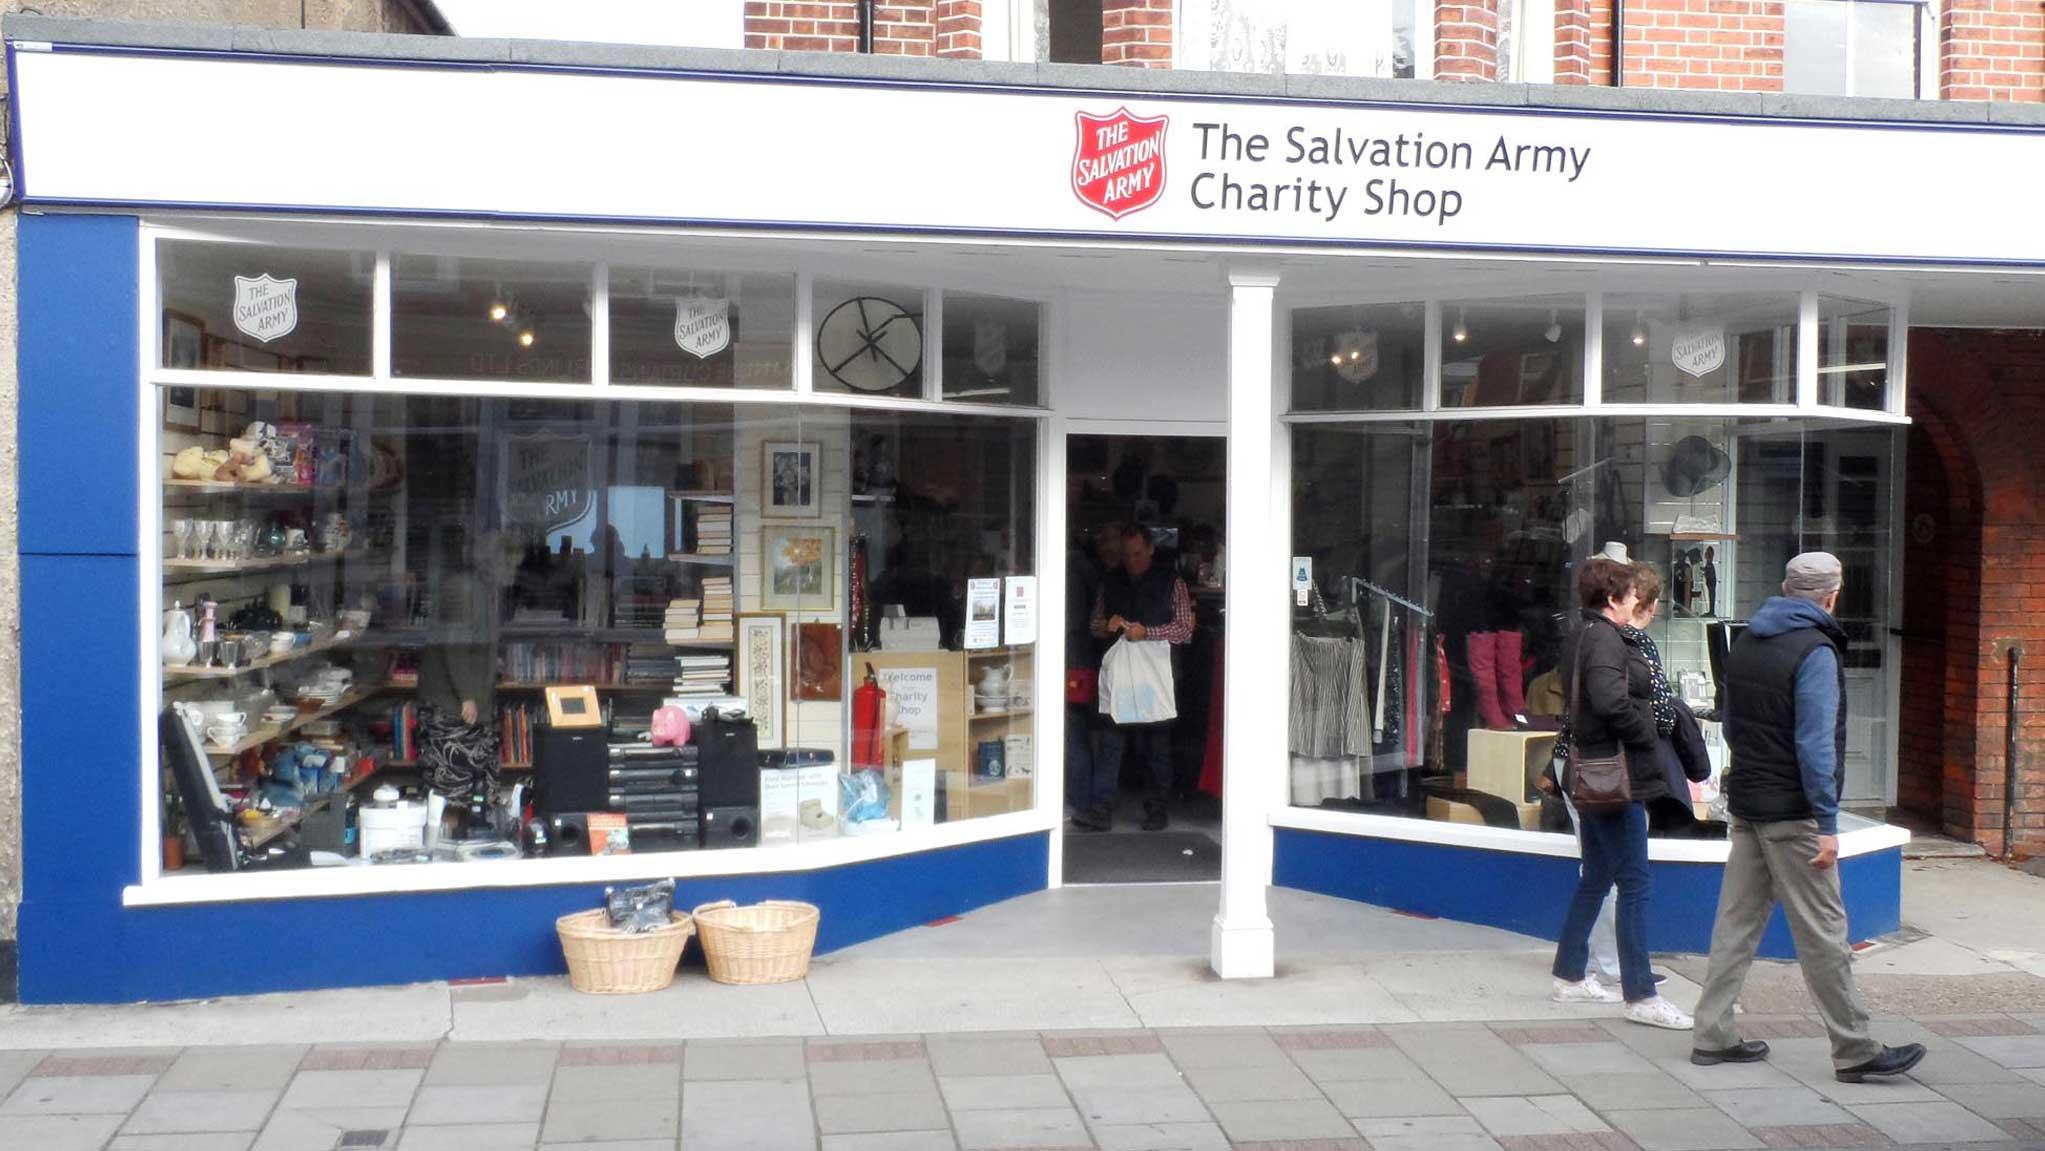 salvation army charity shop visit sheringham rh visitsheringham co uk